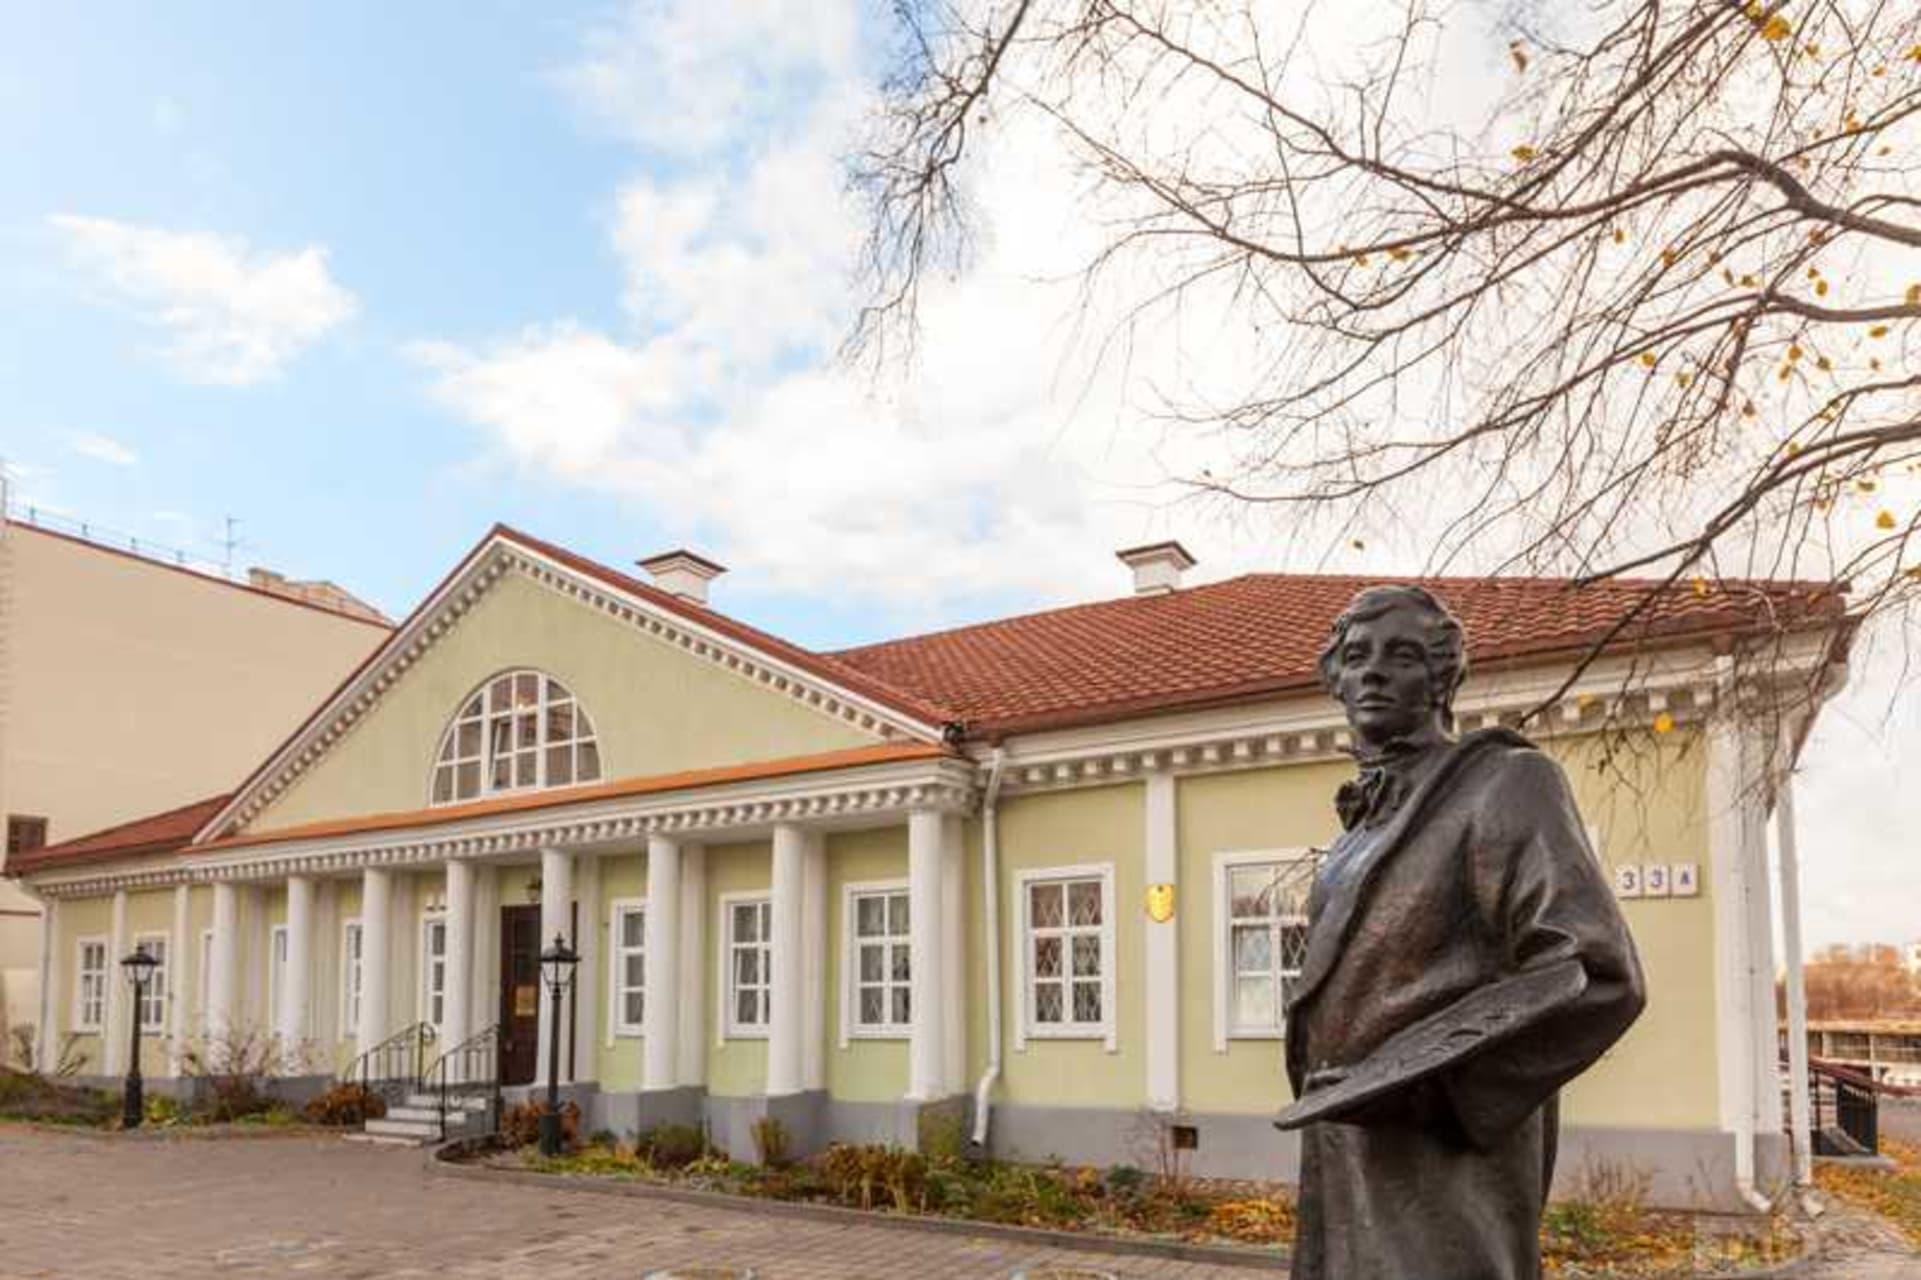 Minsk - Historical Center of Minsk - Part II